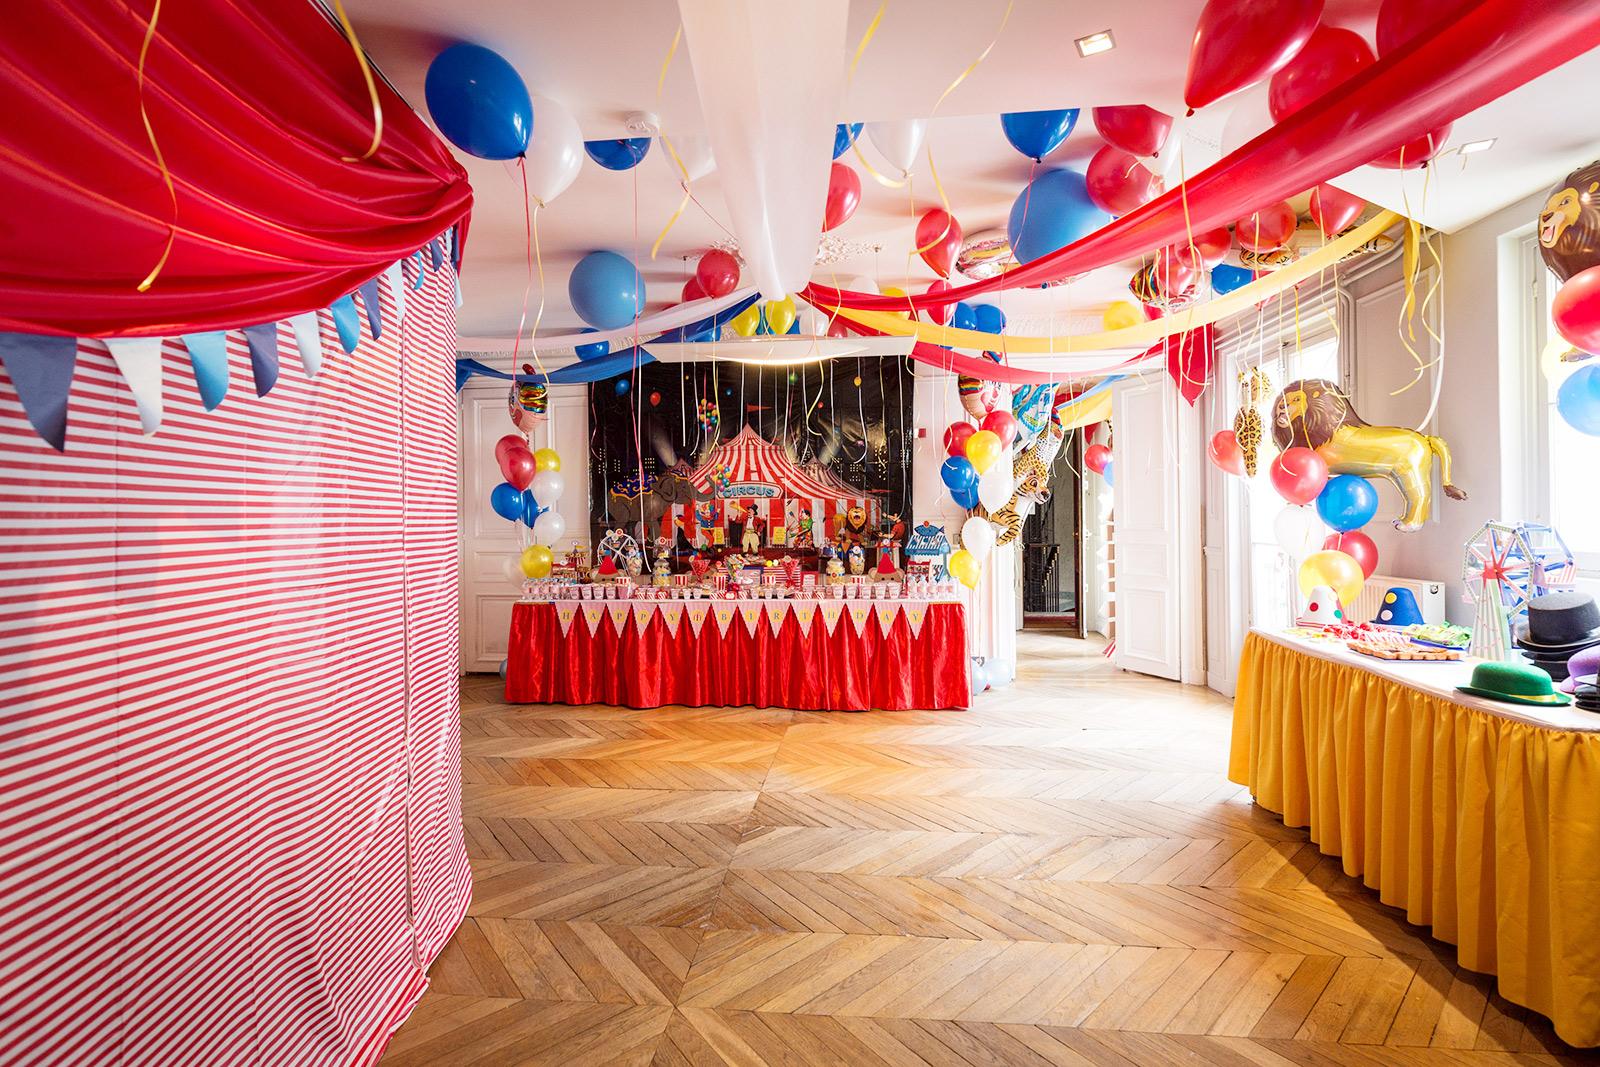 Décoration d'anniversaire Cirque